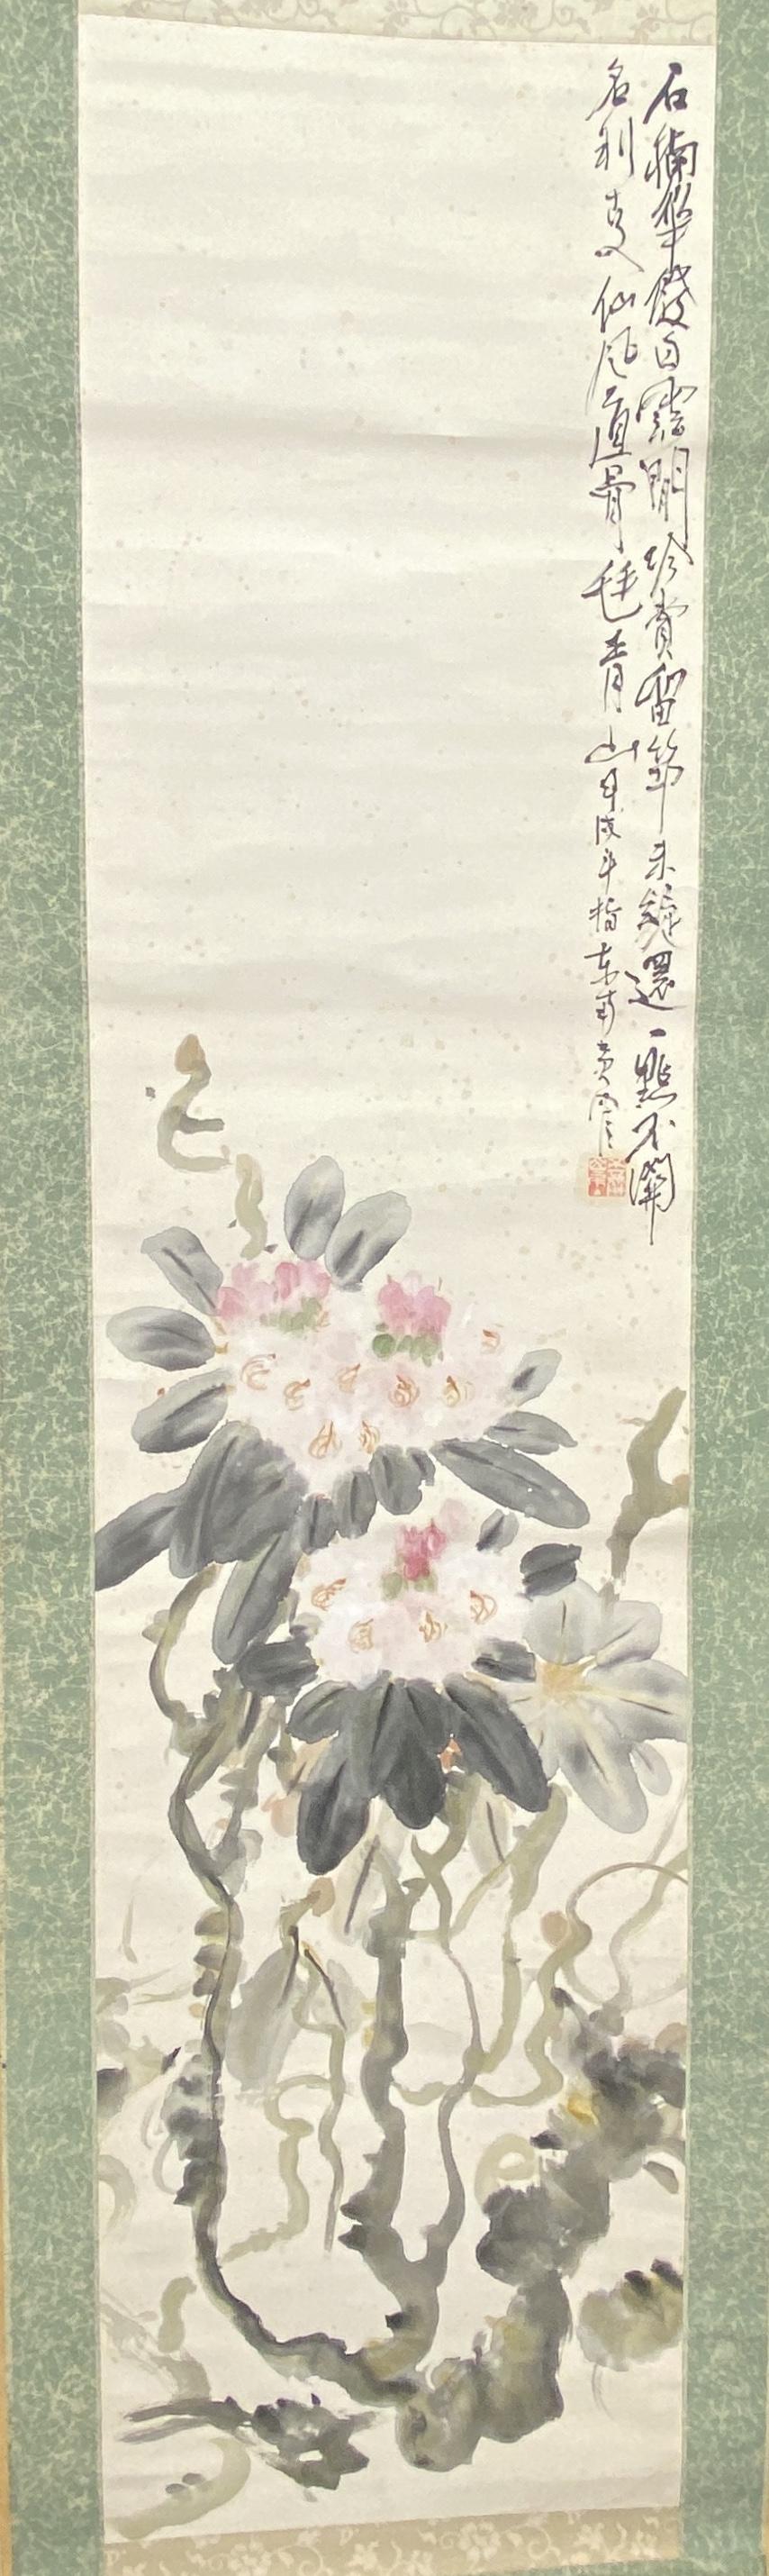 20648在銘 石楠花図 軸等 計2件135.5×33cm他